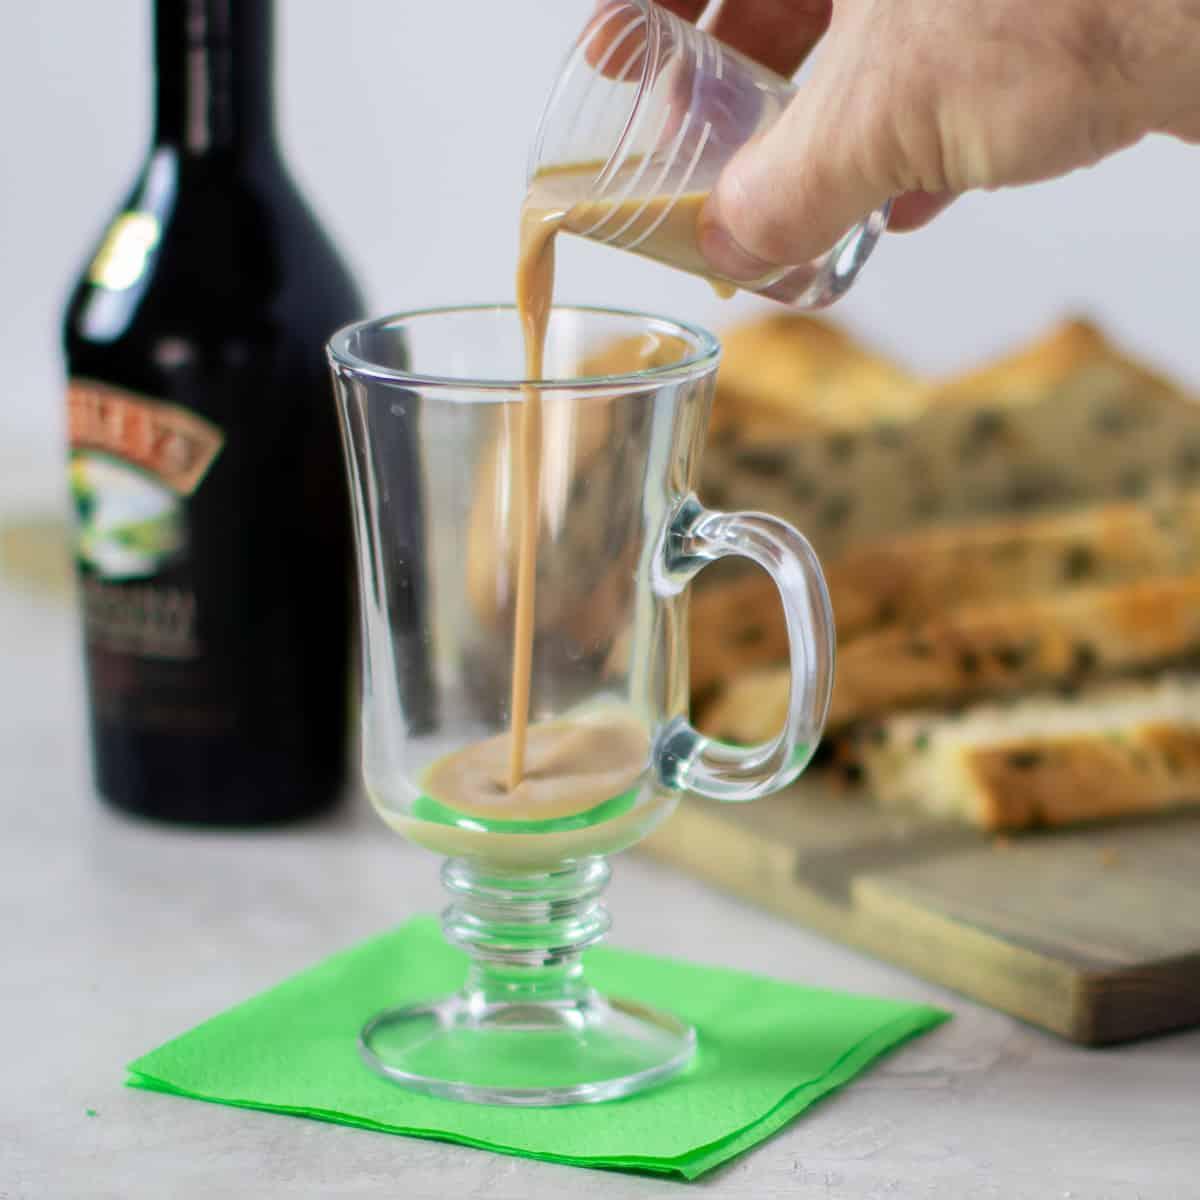 Pouring Irish cream in the glass mug.